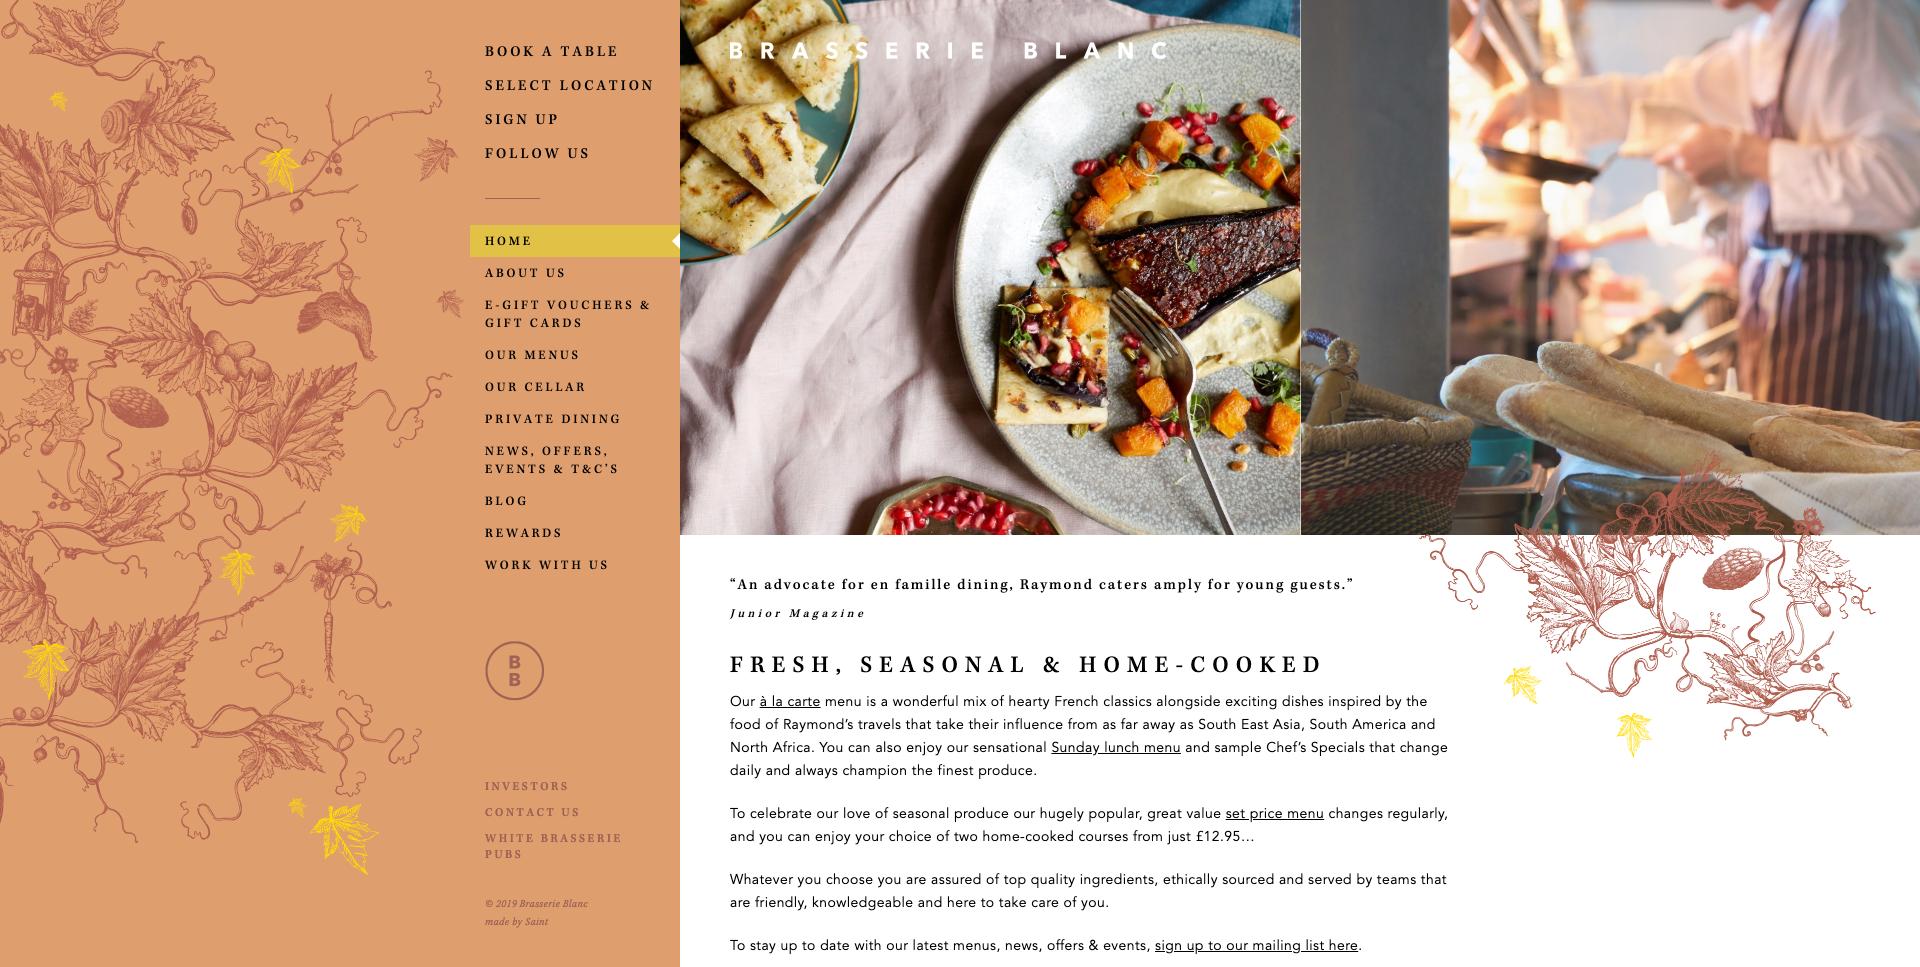 Brasserie Blanc Restaurant Website Design